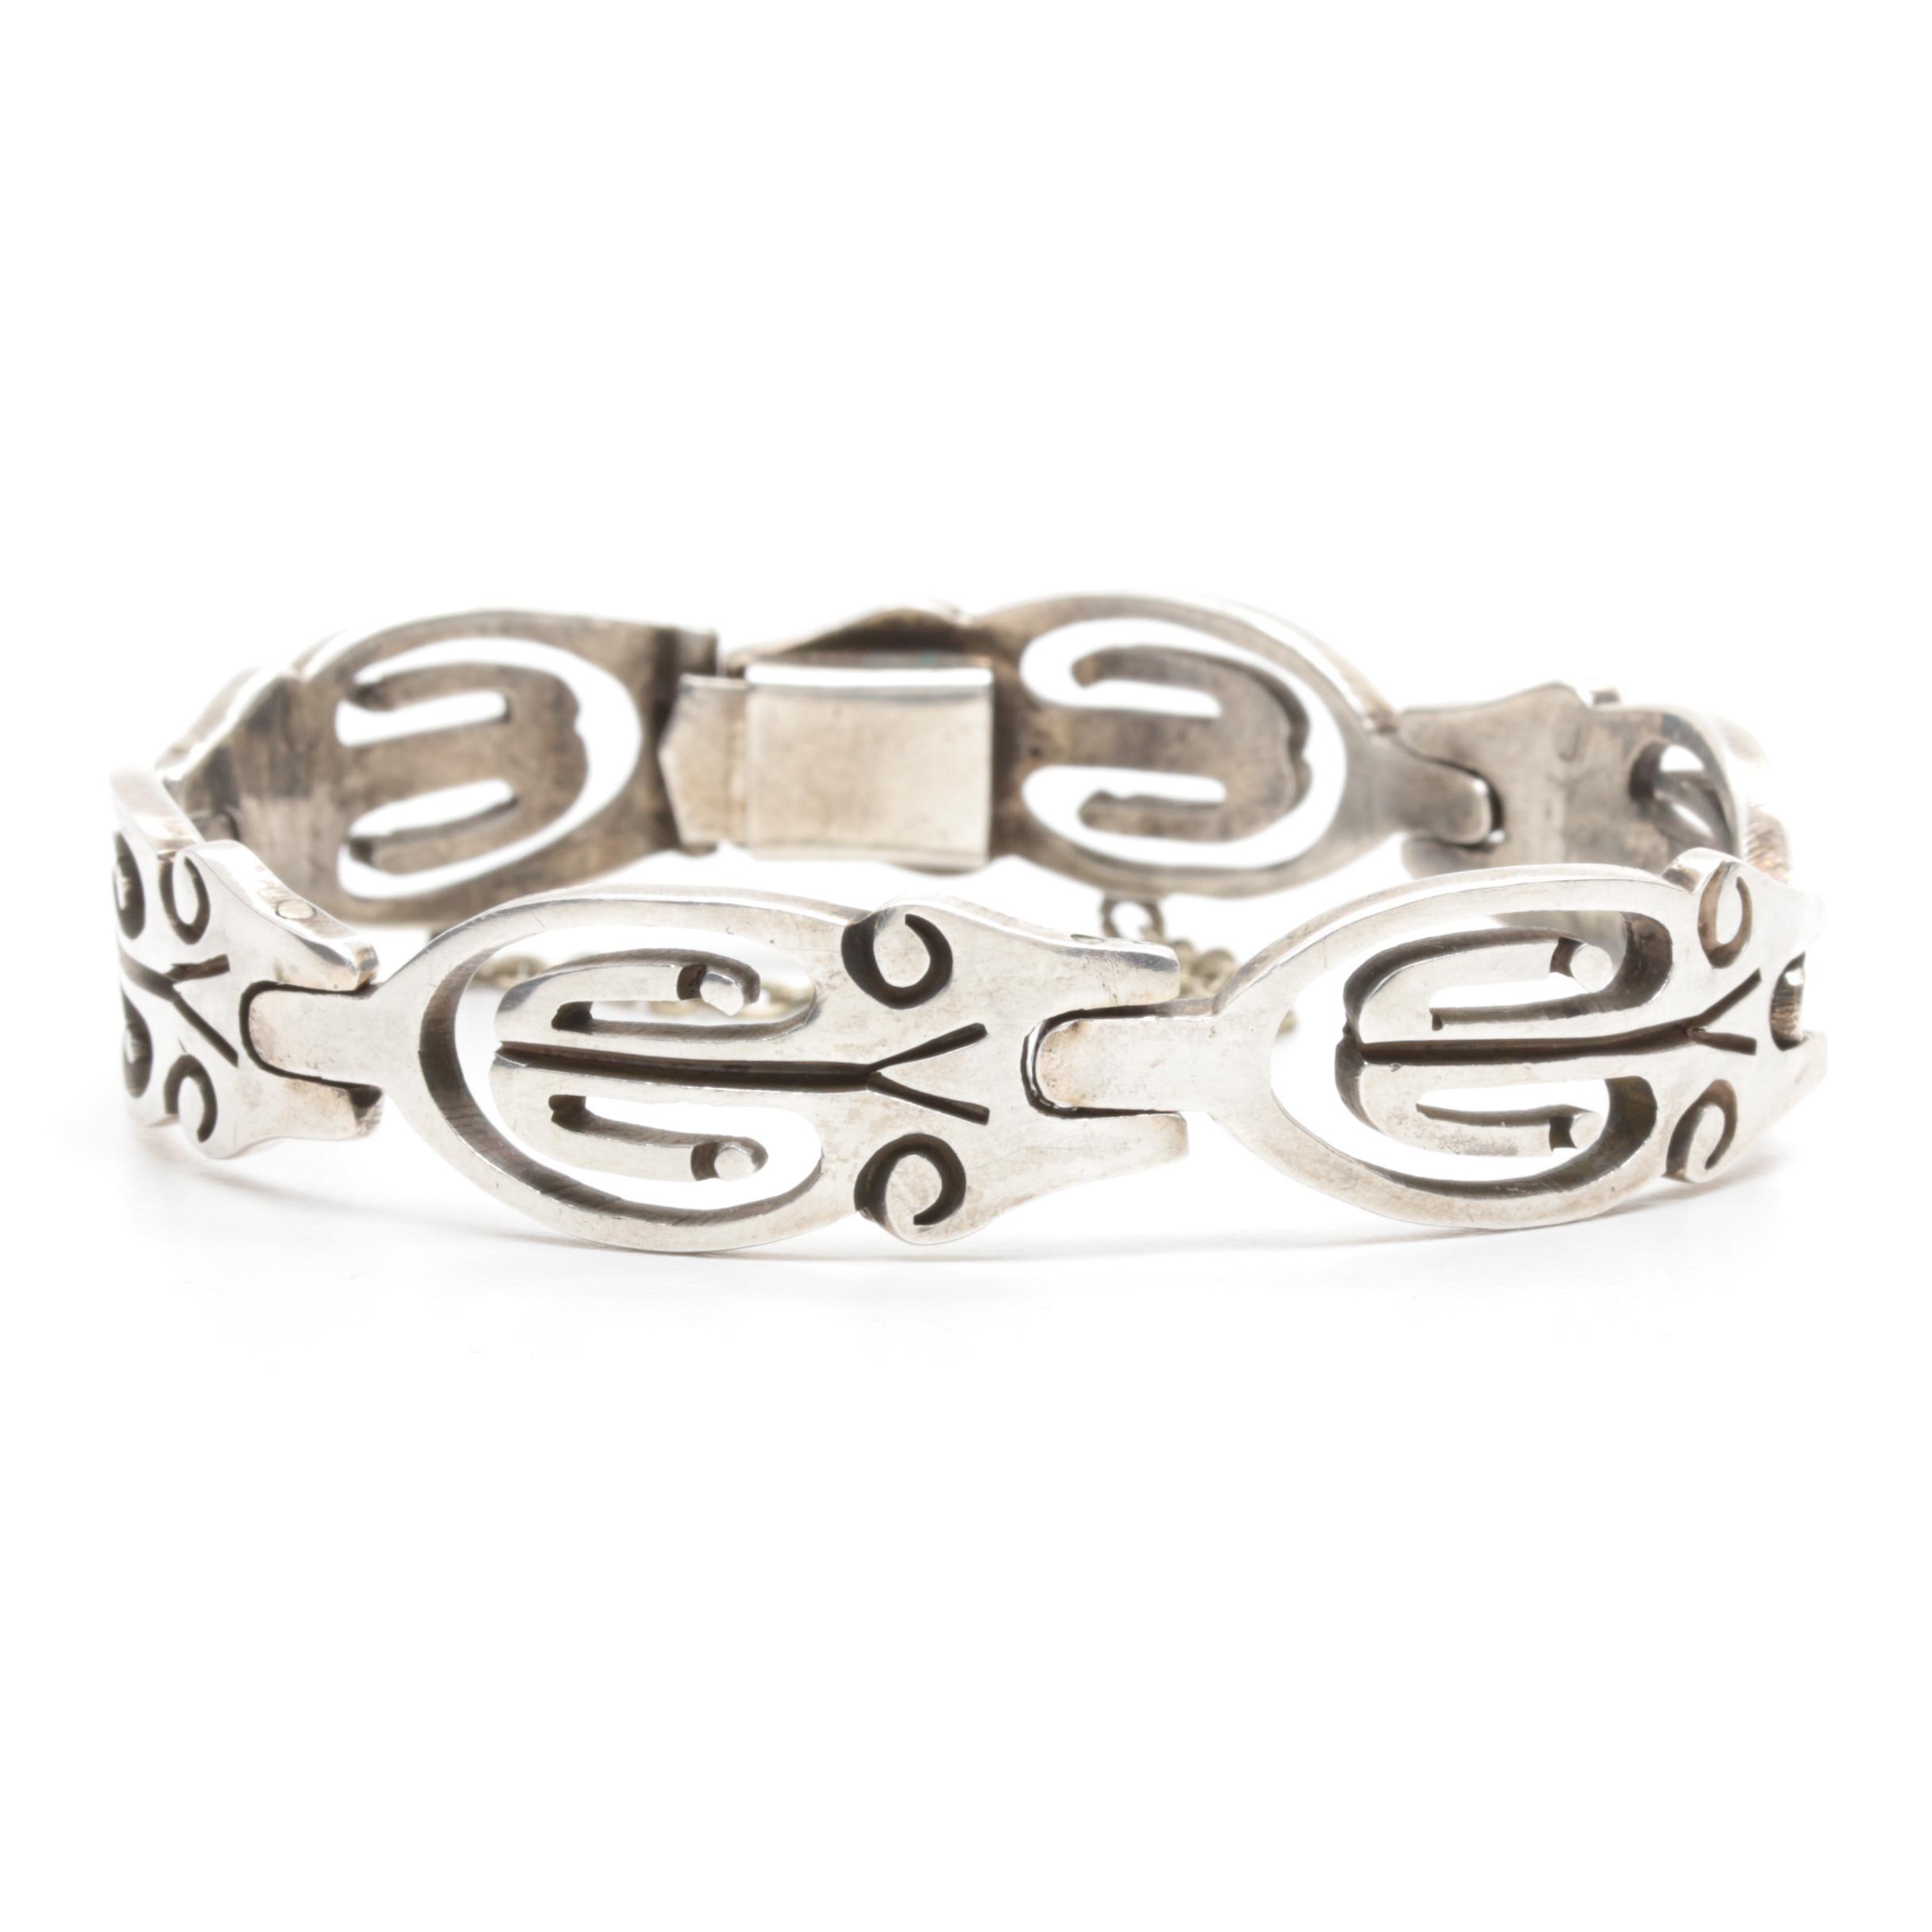 Taxco Sterling Silver Openwork Bracelet